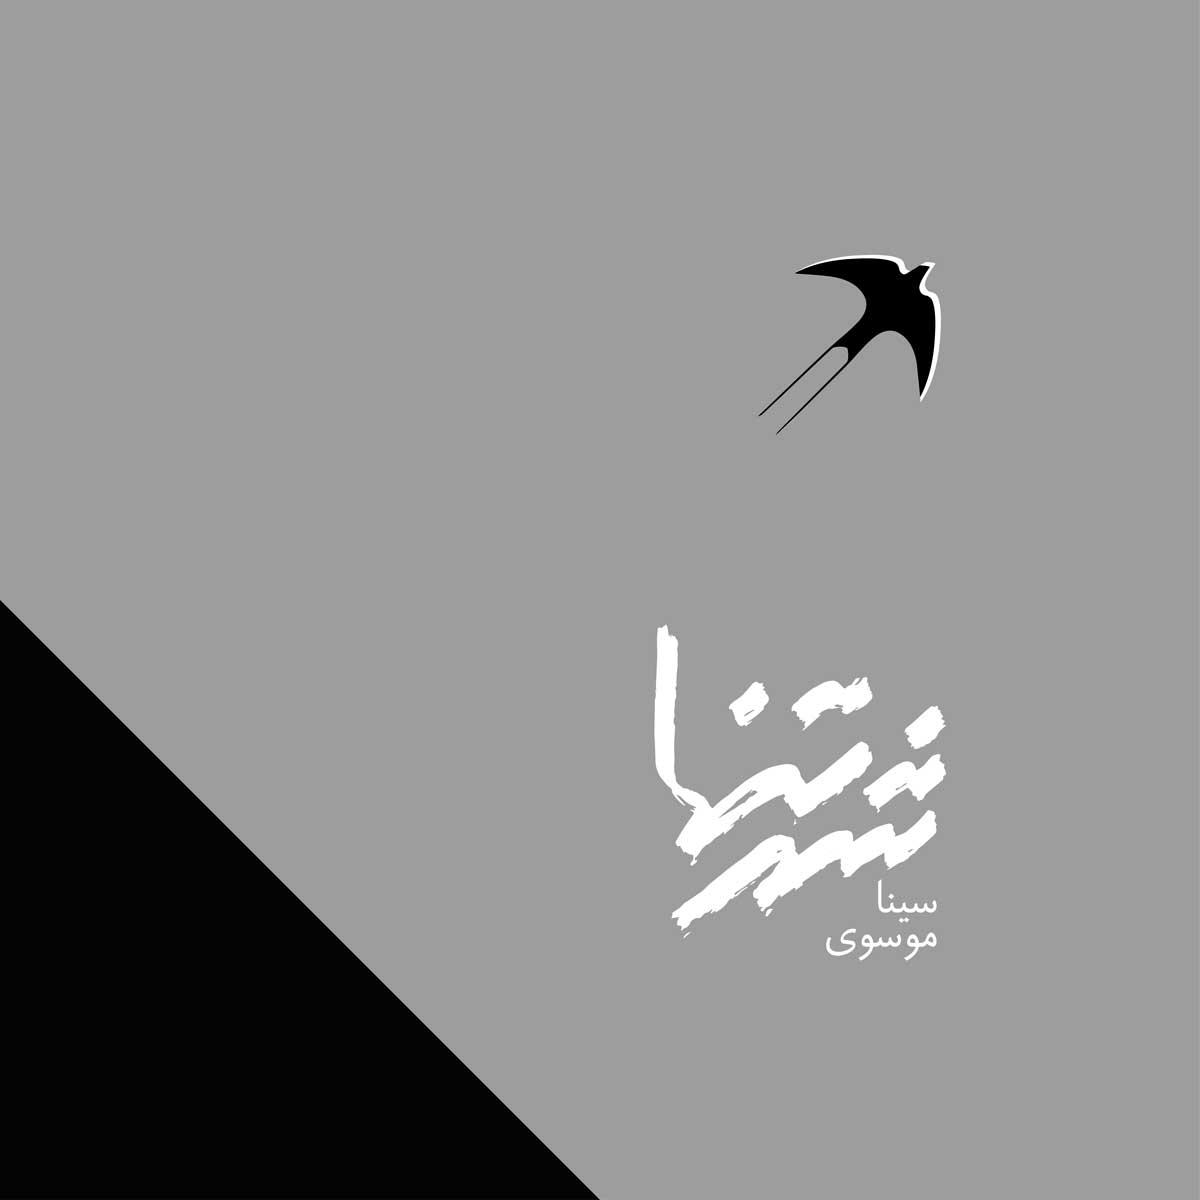 دانلود موزیک جدید سینا موسوی شهر تنها